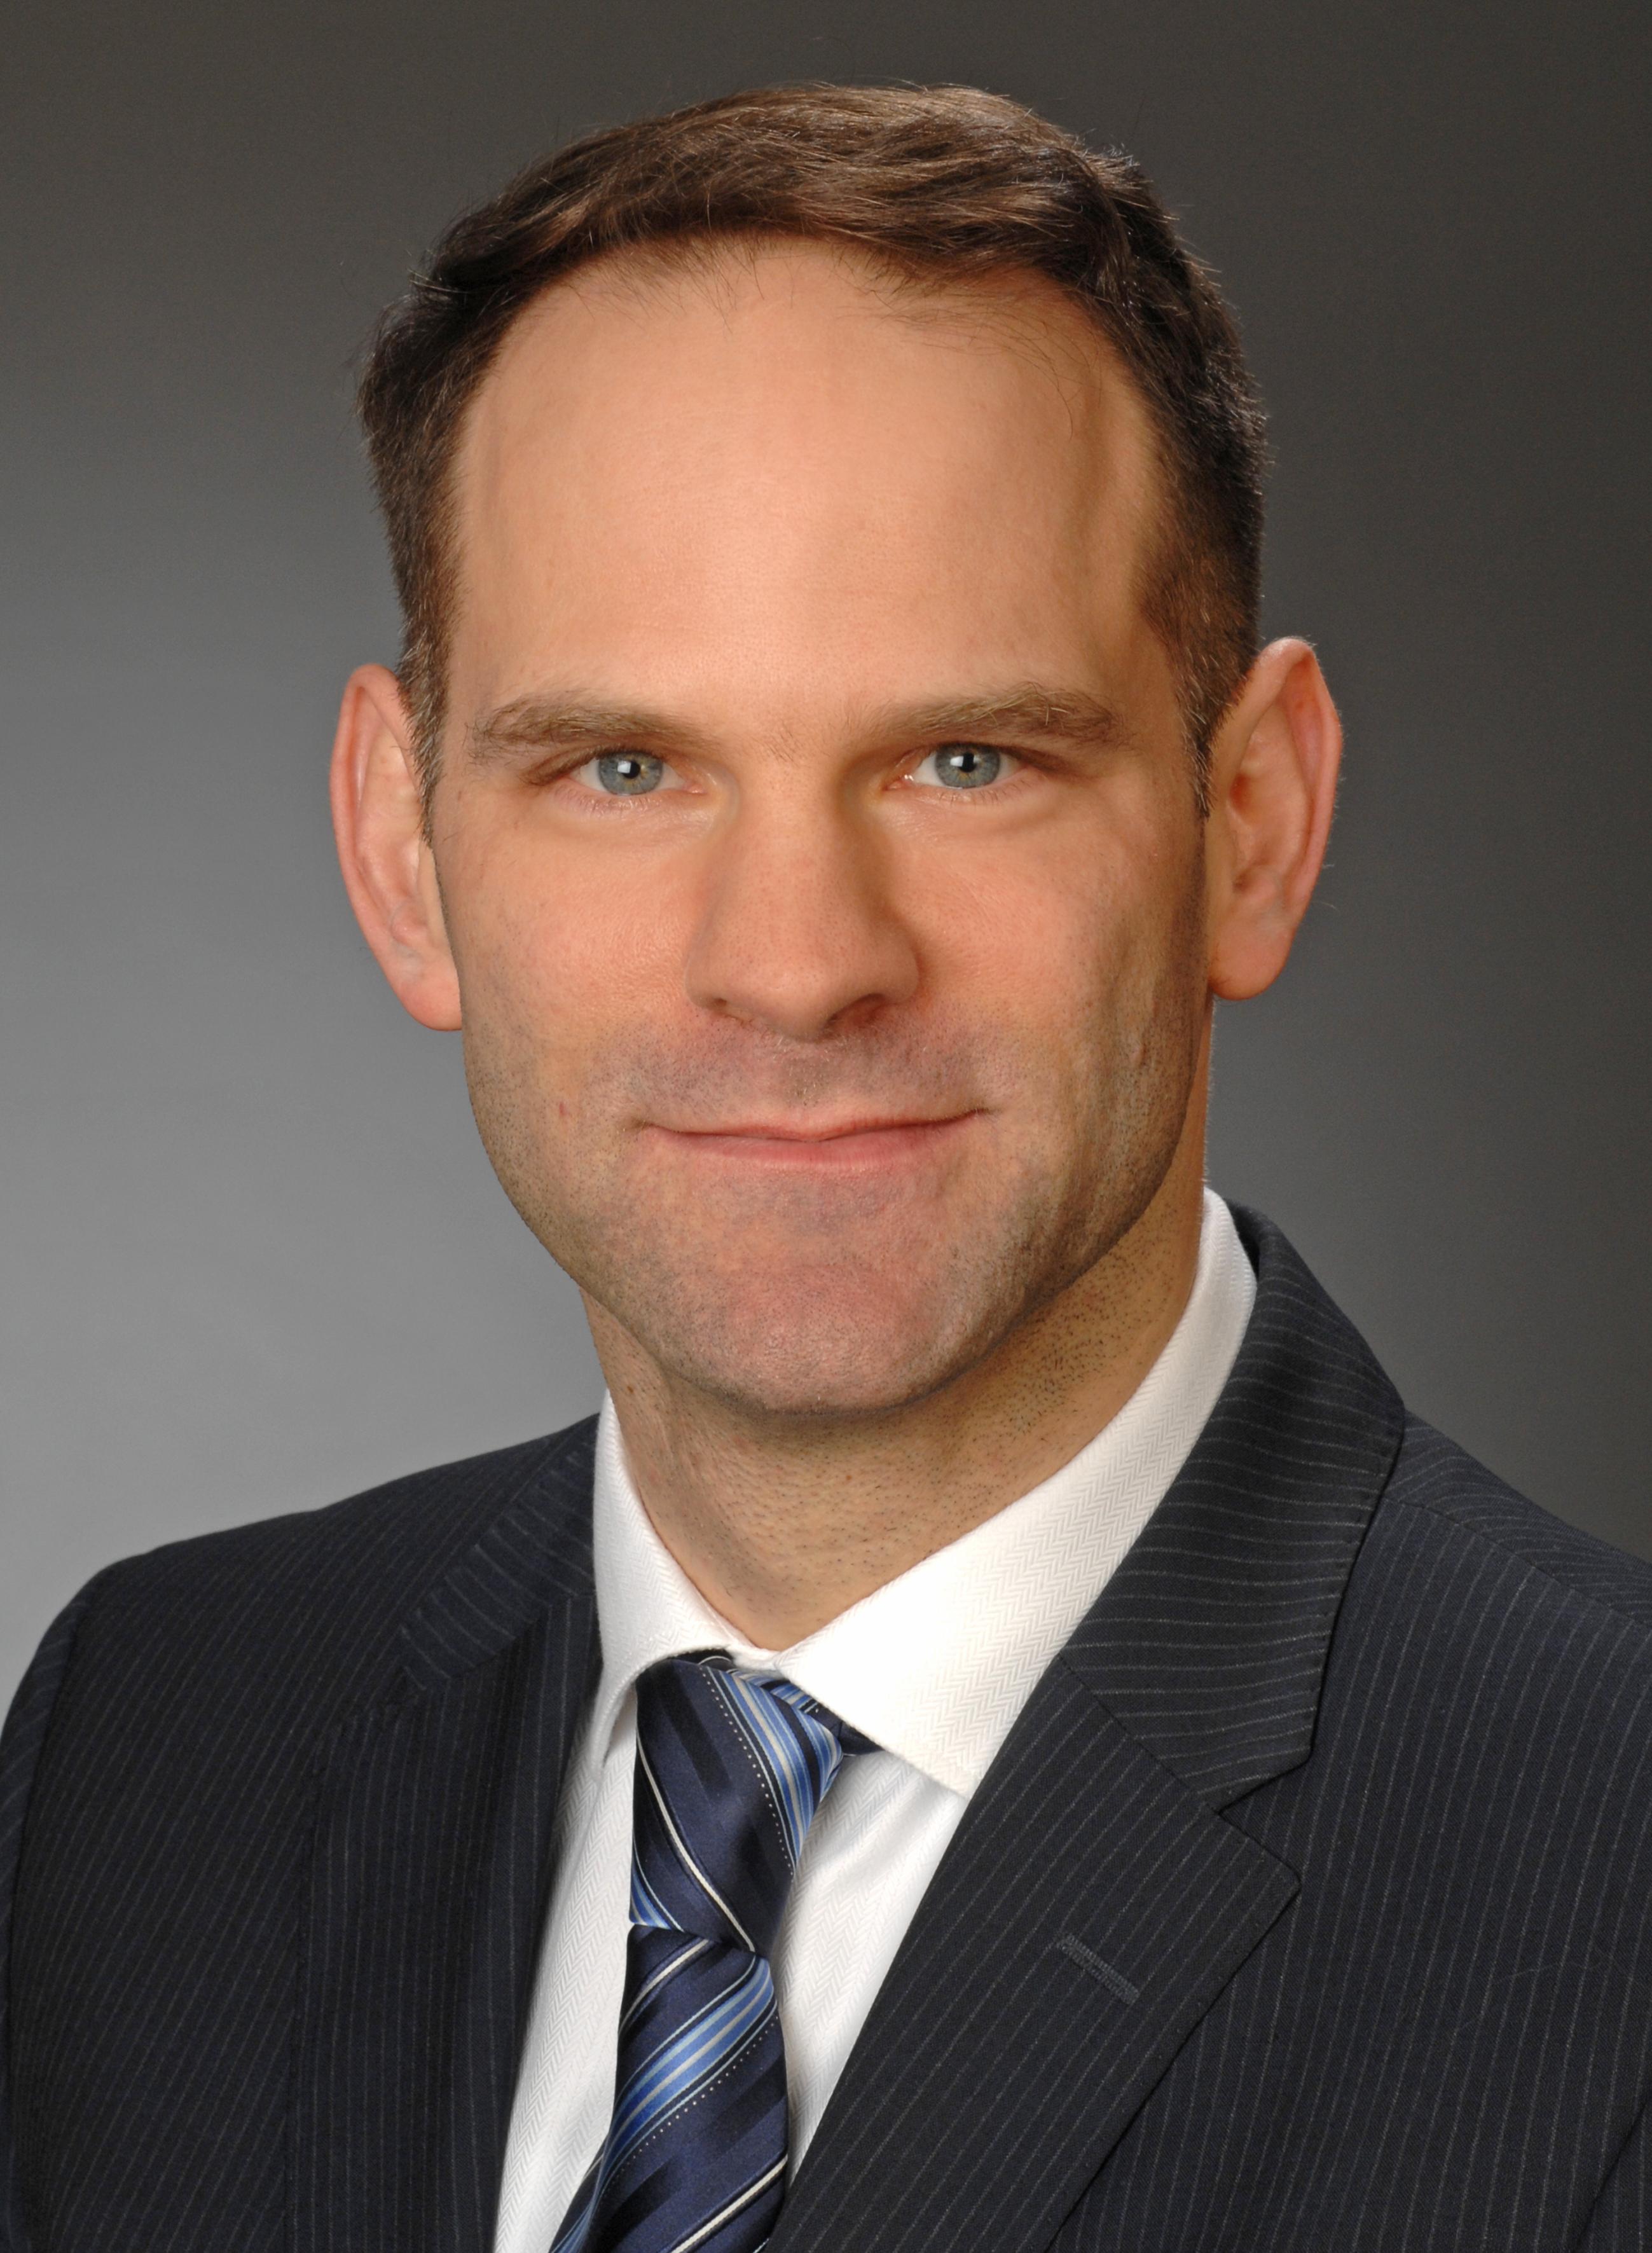 Dr. Robert Reinermann